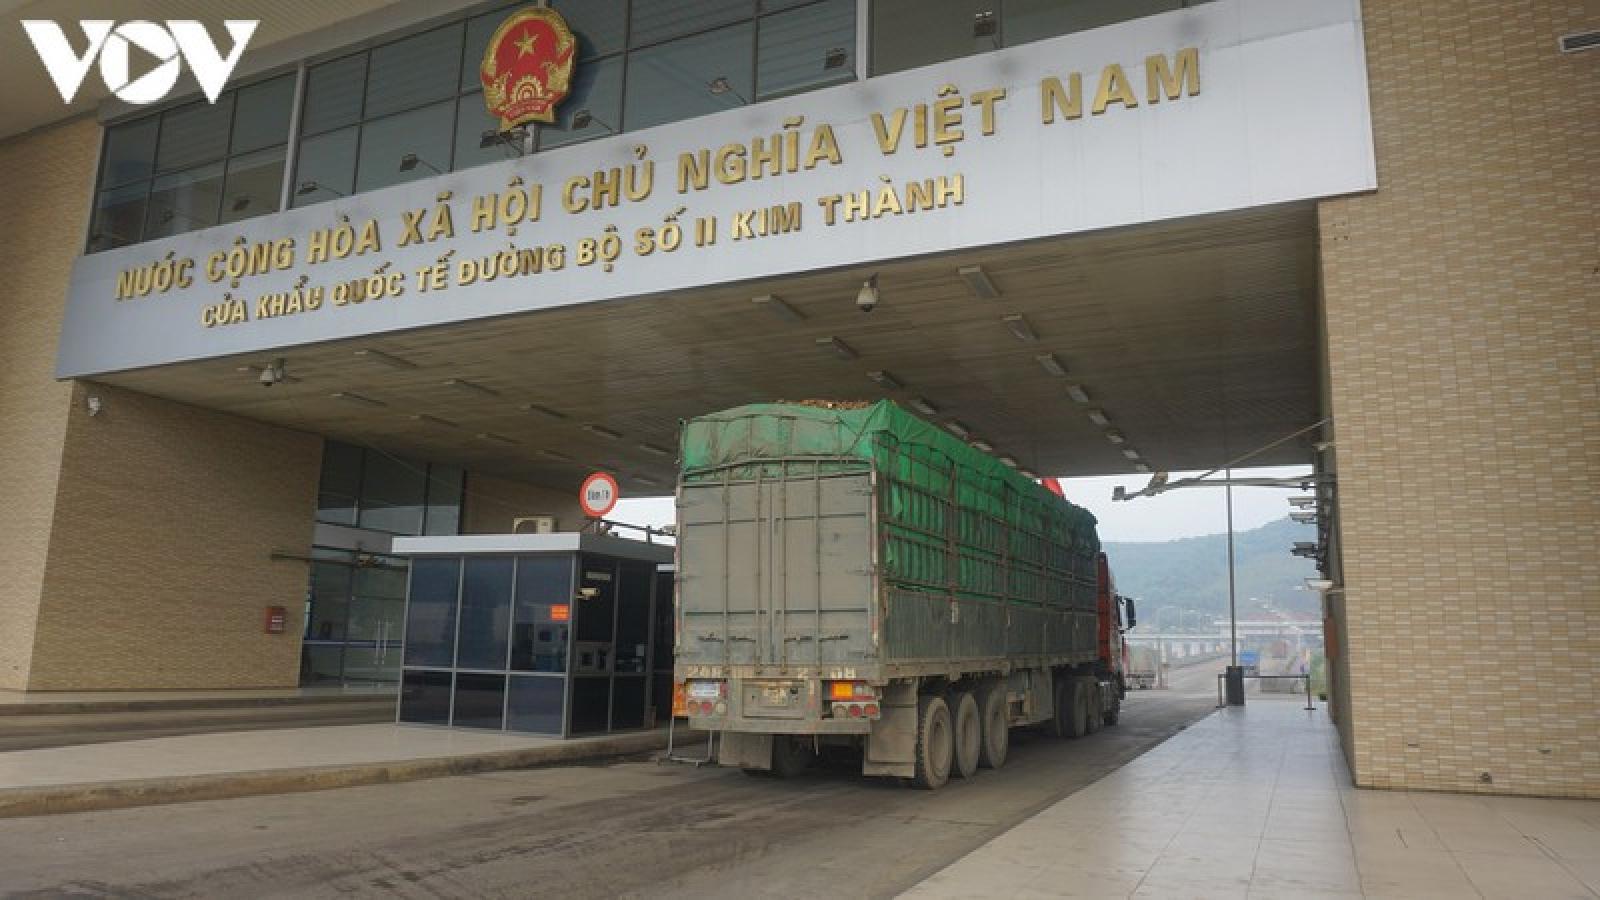 Xuất nhập khẩu qua Lào Cai vẫn khả quan trong giai đoạn phòng chống dịch